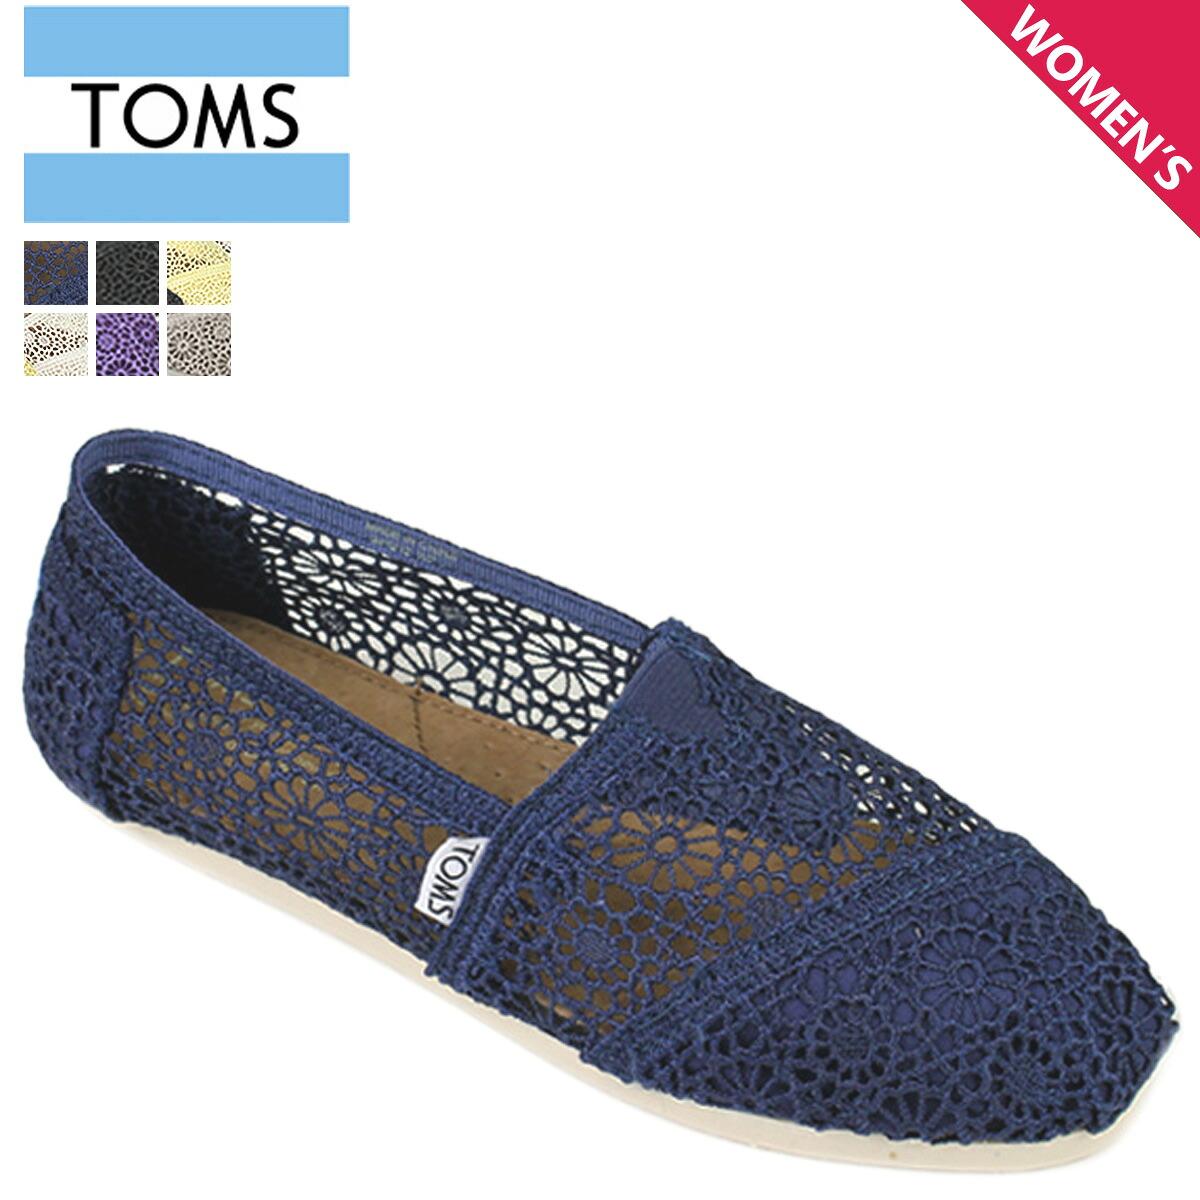 Sugar Online Shop: TOMS SHOES Toms Shoes Women's Slip-on